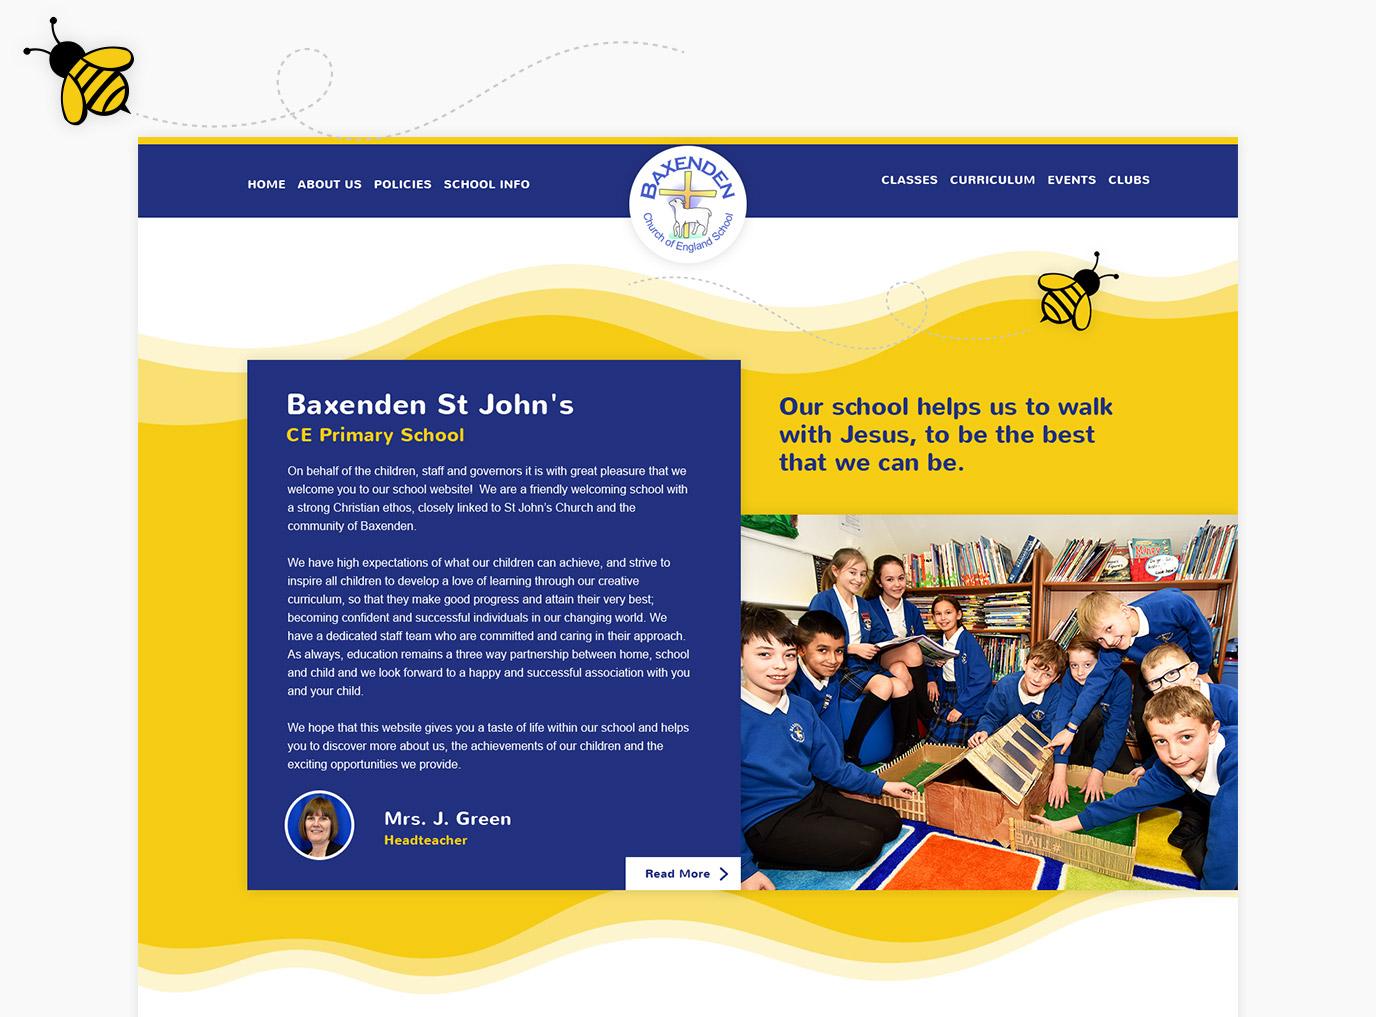 Baxenden St Johns Primary School Website Design